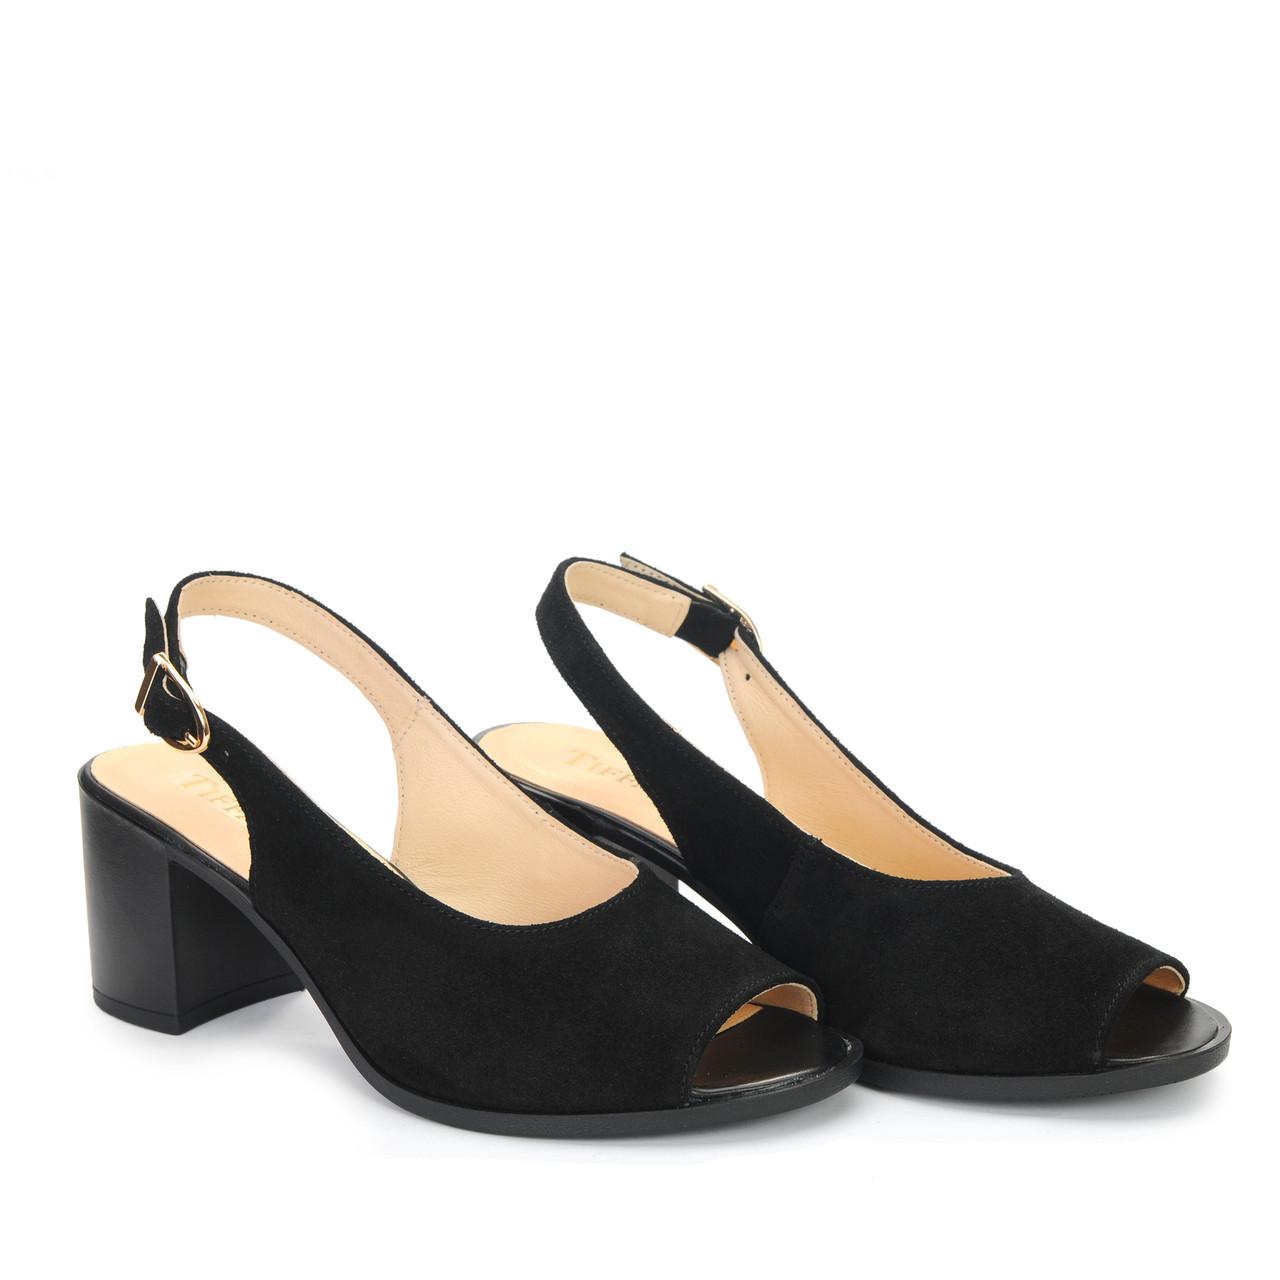 Жіночі шкіряні туфлі, босоніжки, сандалі на танкетці платформі підборах TIFFANY